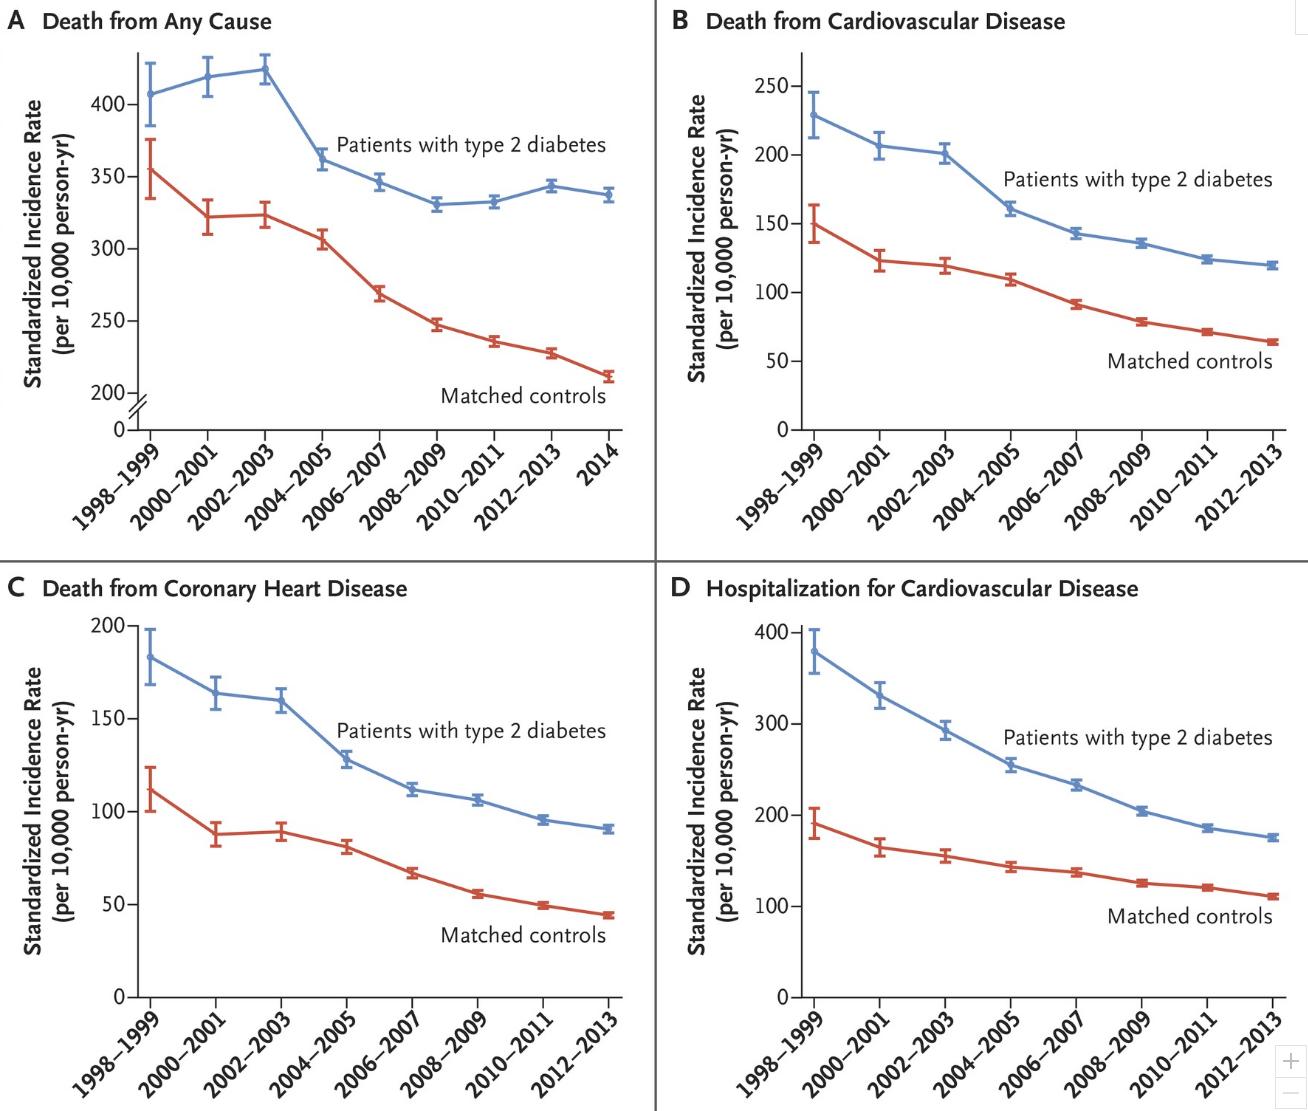 Denna graf visar hur den totala dödligheten, samt död till följd av hjärt-kärlsjukdom, minskat sedan 1998 bland personer med typ 2 diabetes. De blå linjerna representerar trender för personer med typ 2 diabetes och de röda linjerna representerar den övriga befolkningen.